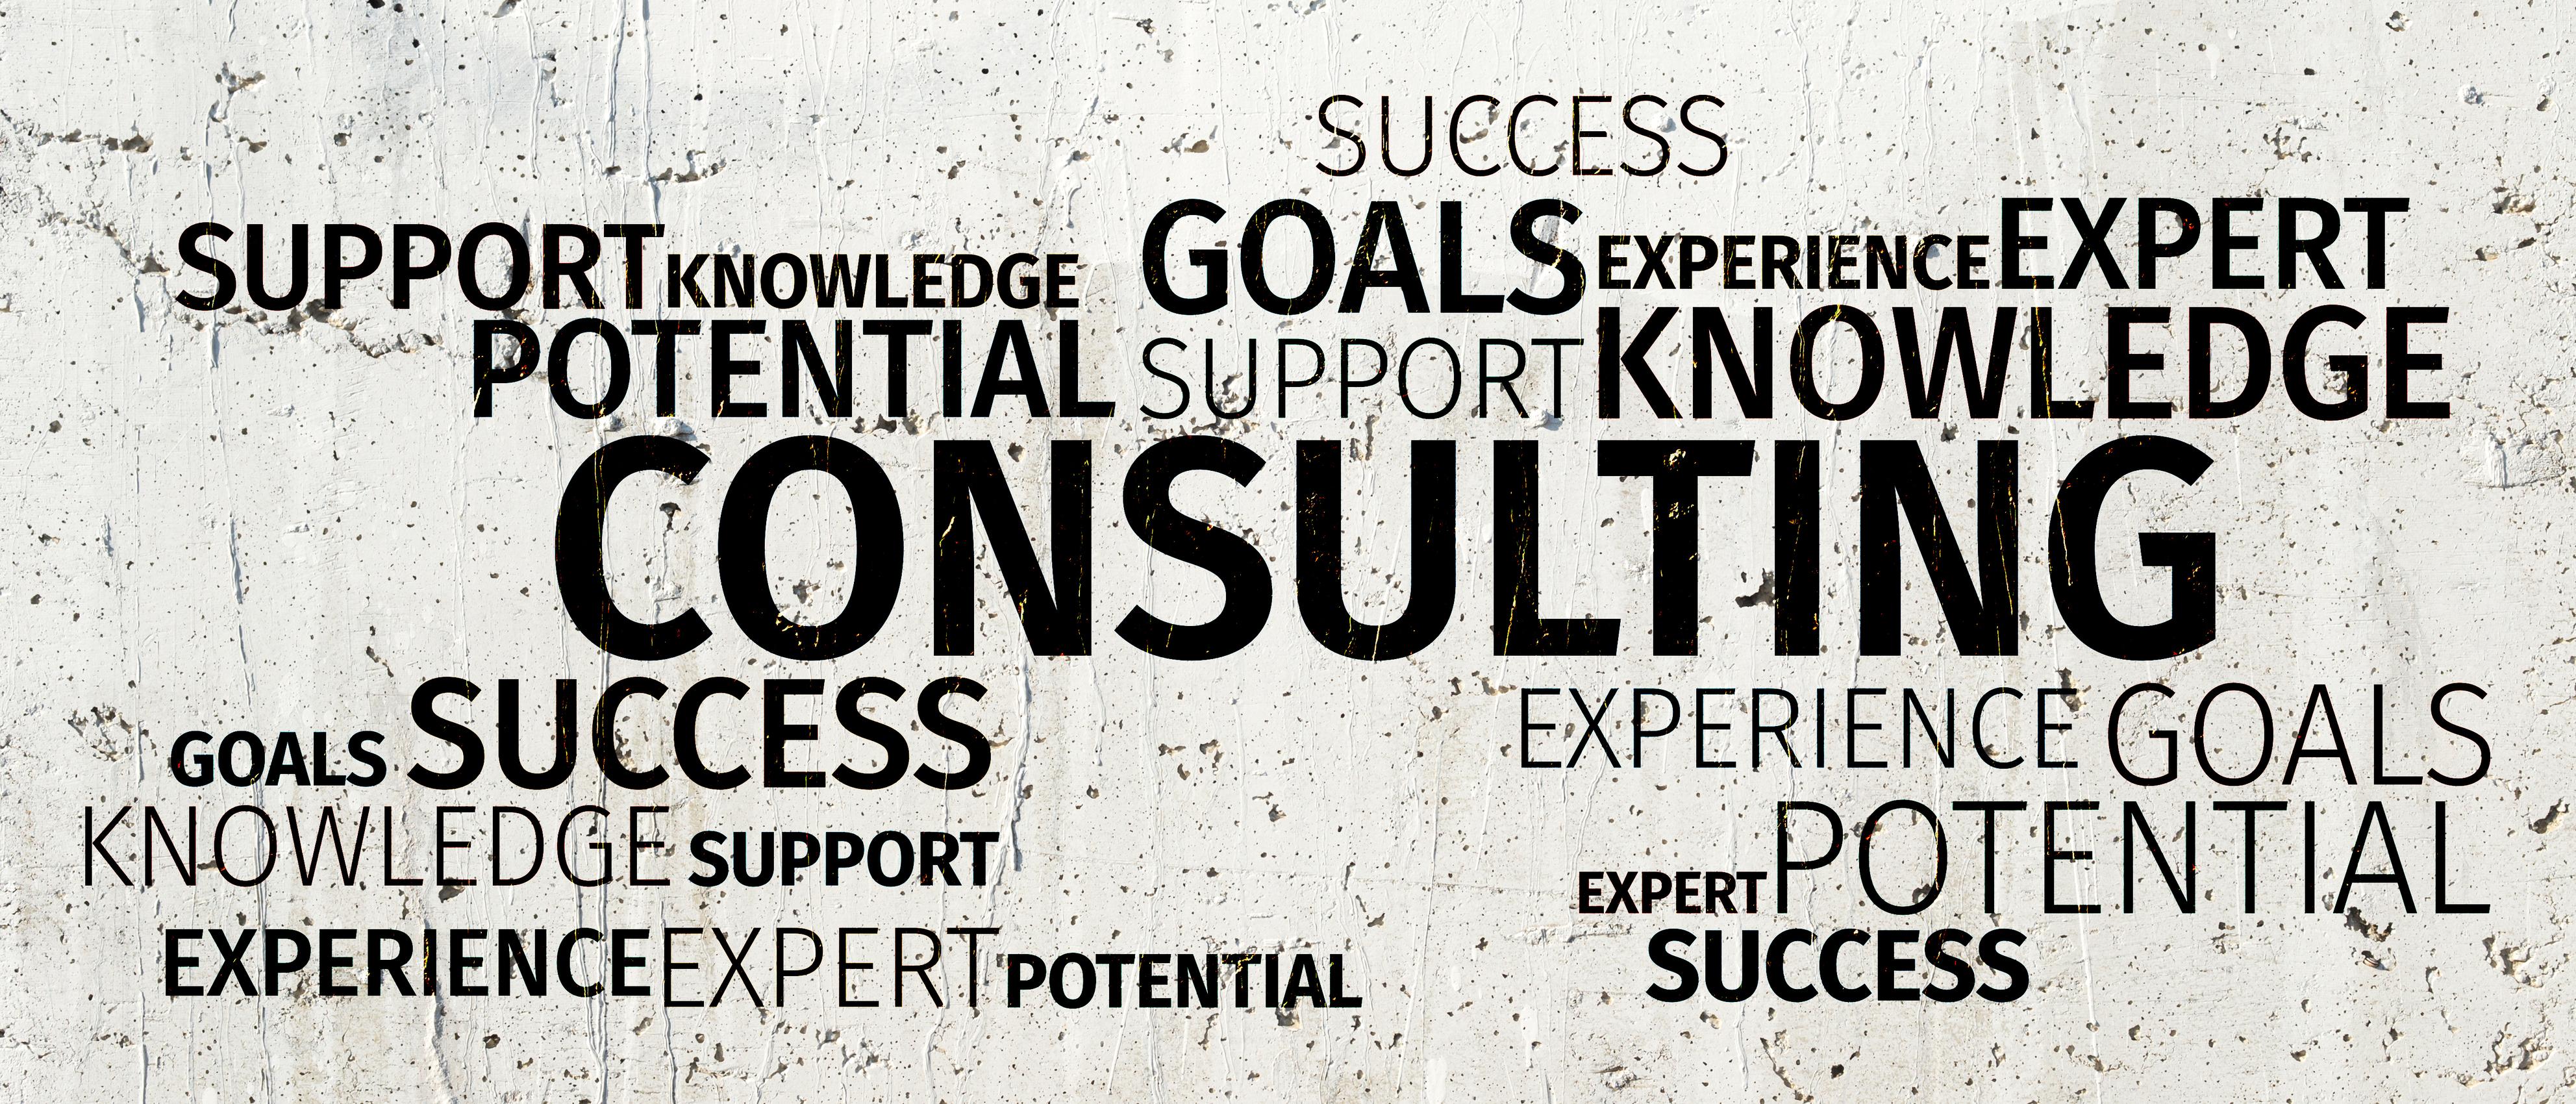 הדרך לבחור חברת ייעוץ ארגוני איכותית?